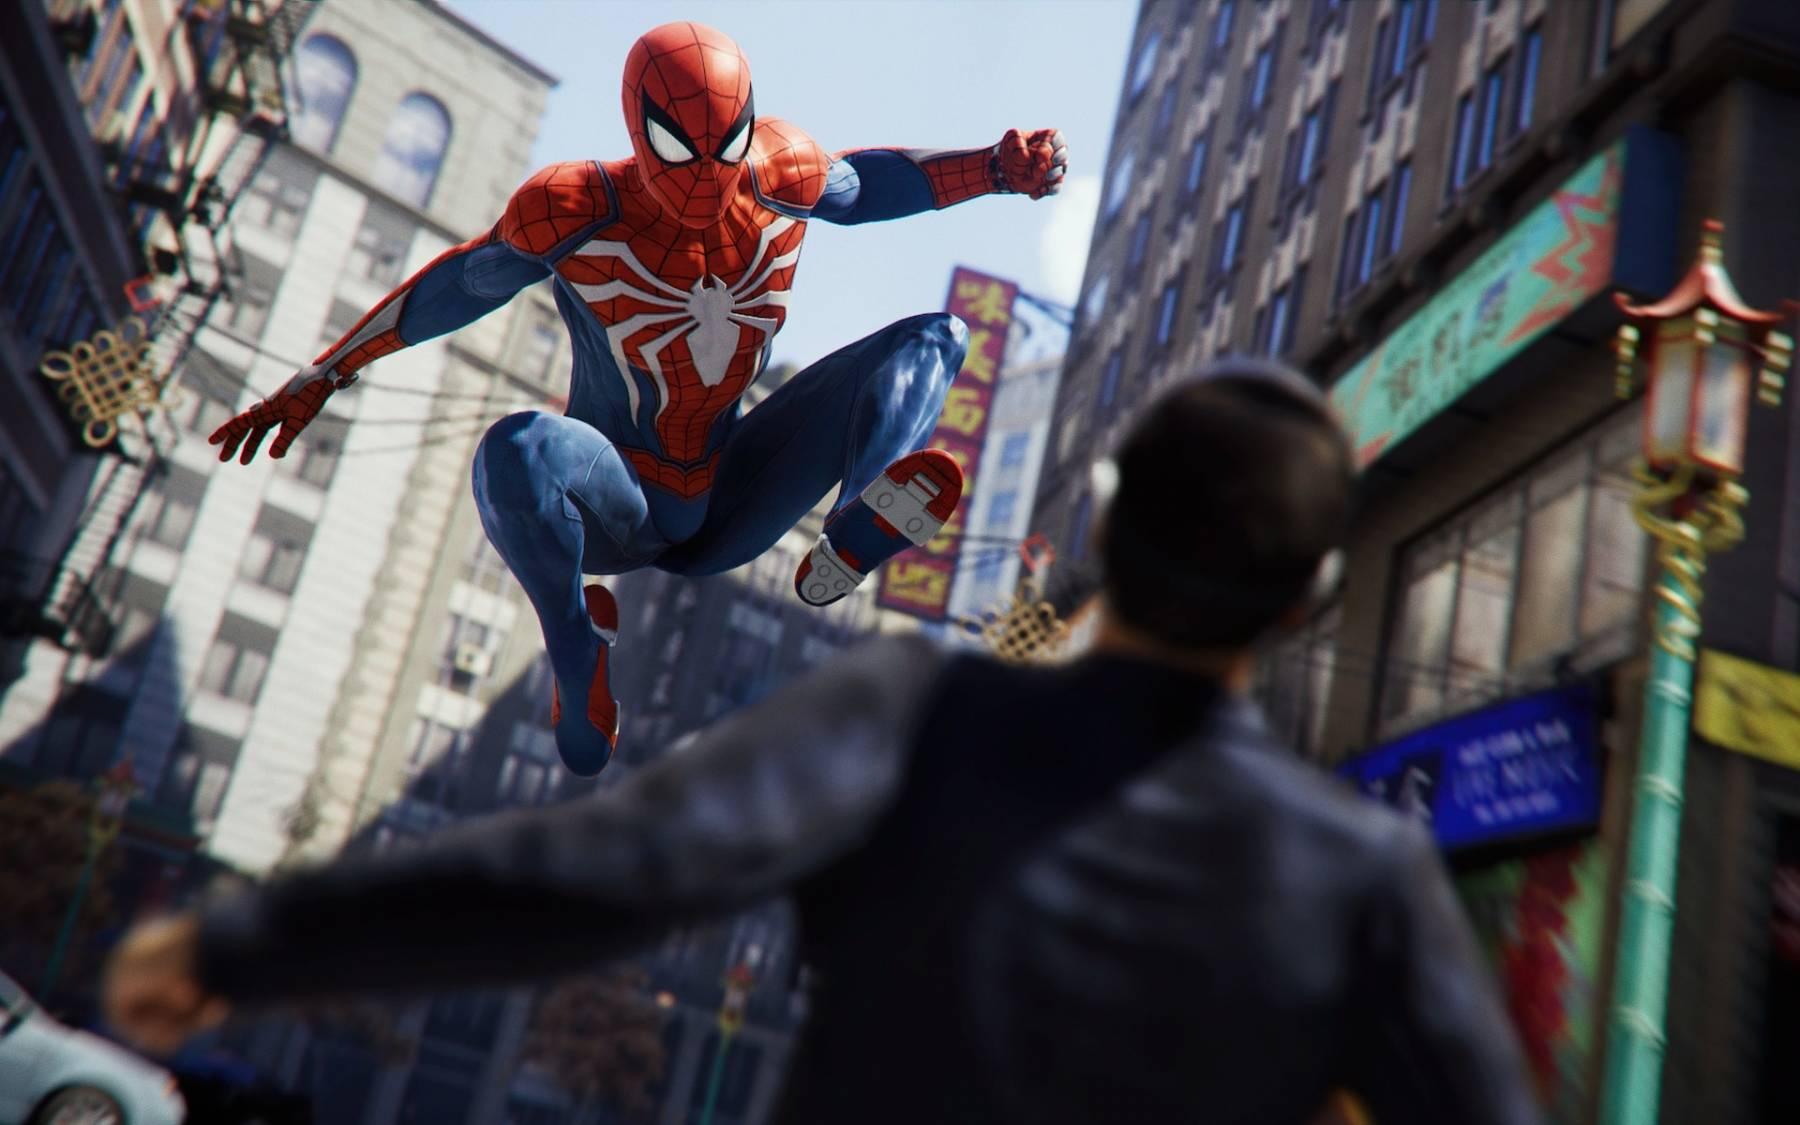 Spider Man De Ps4 Podria Tener Un Universo De Juegos De Marvel Marvel